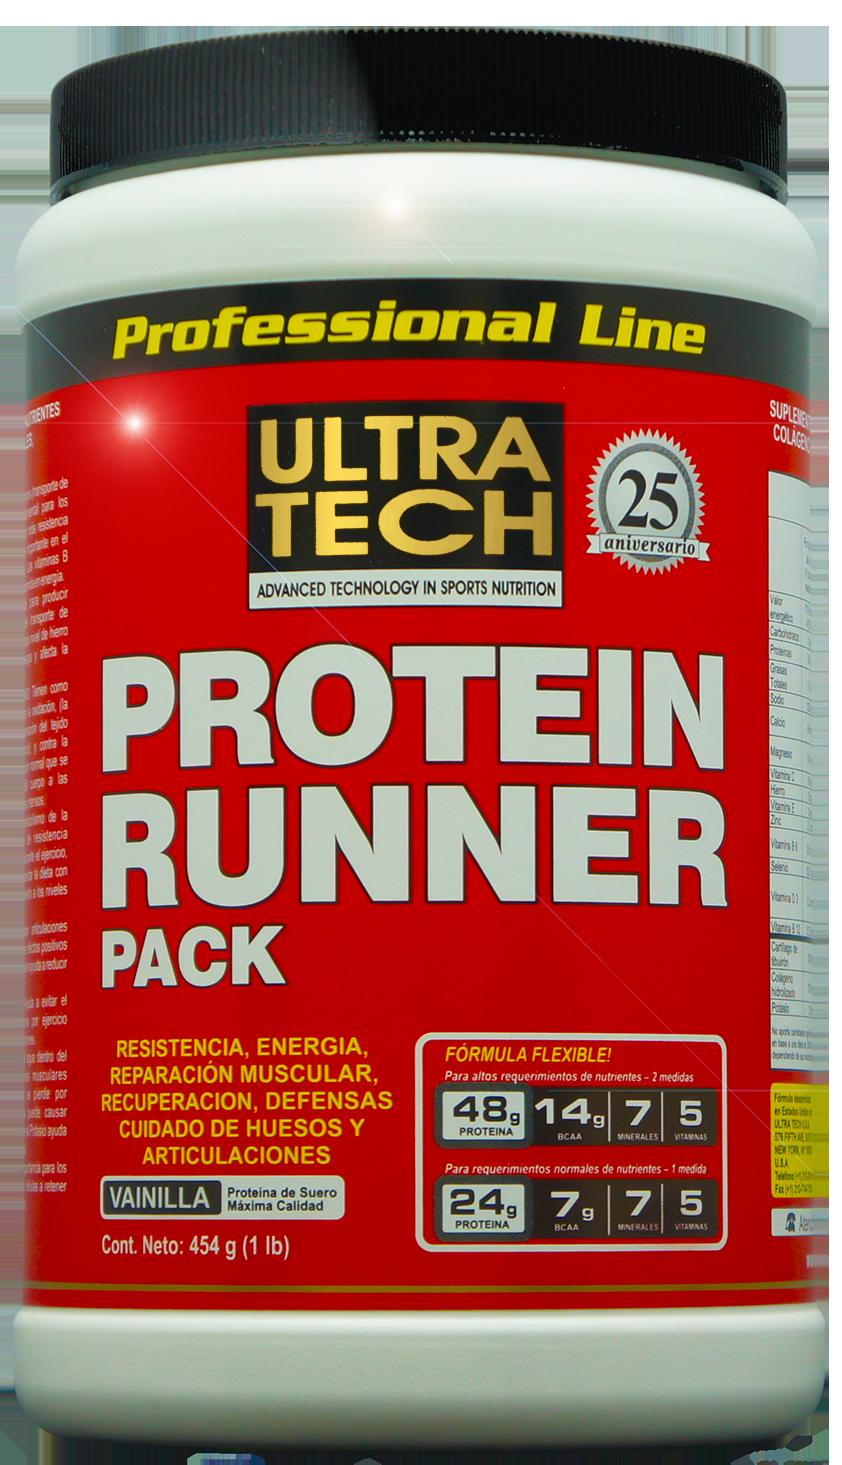 Protein Runner Pack